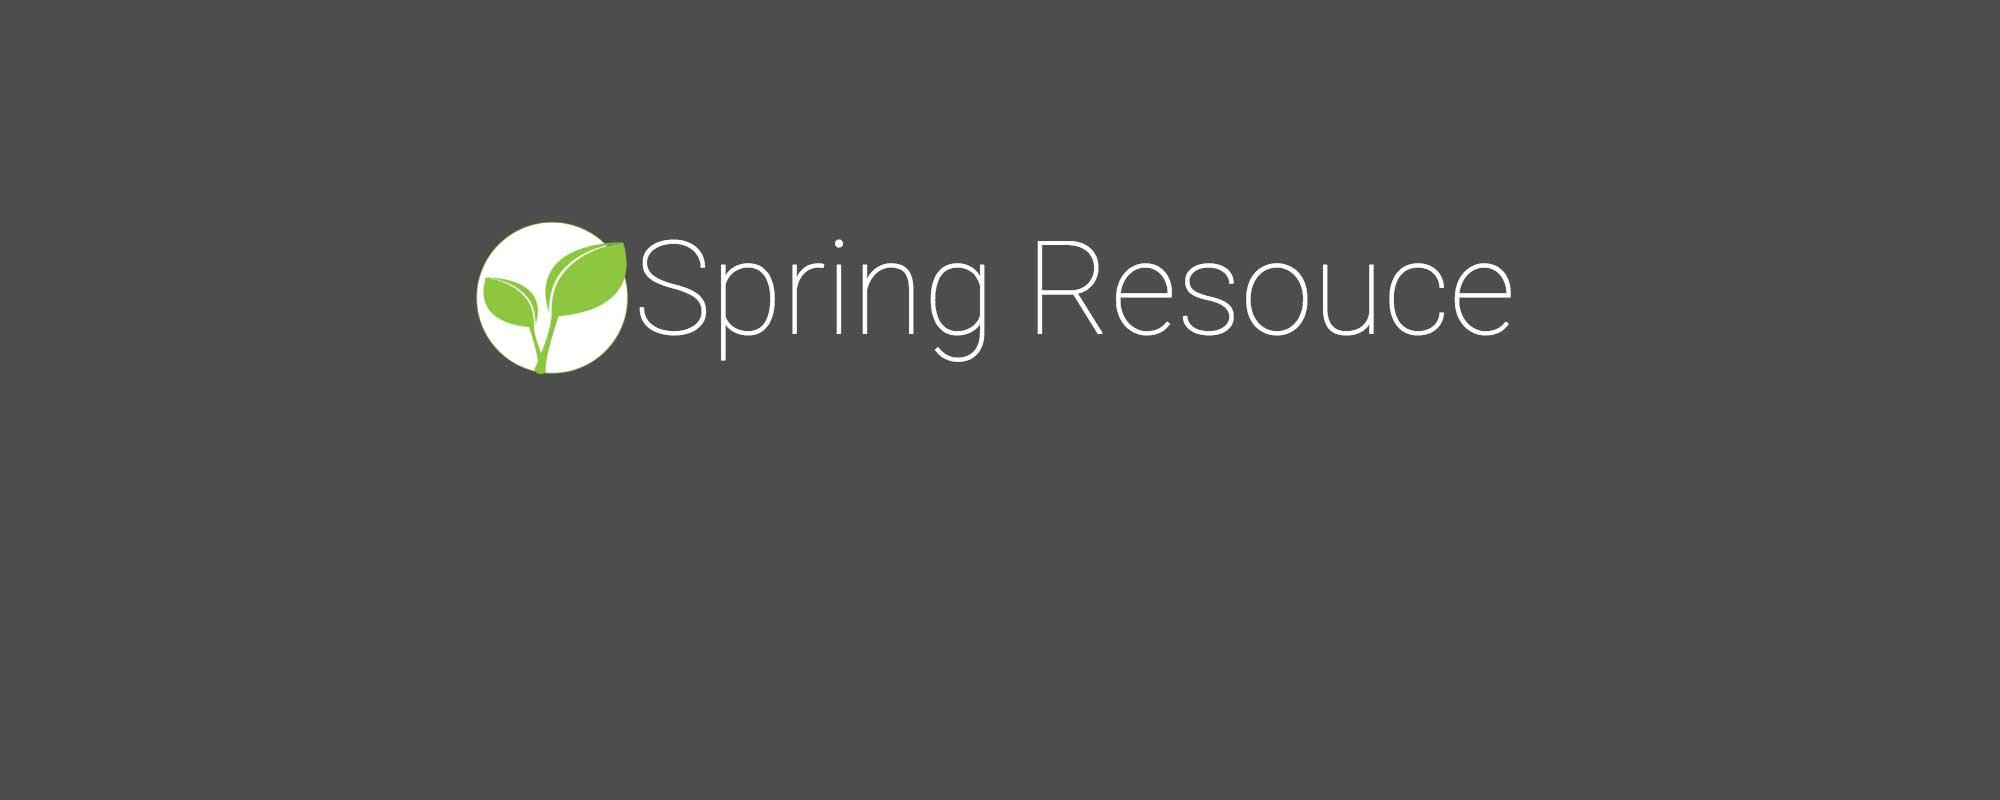 springResourceSplash-1